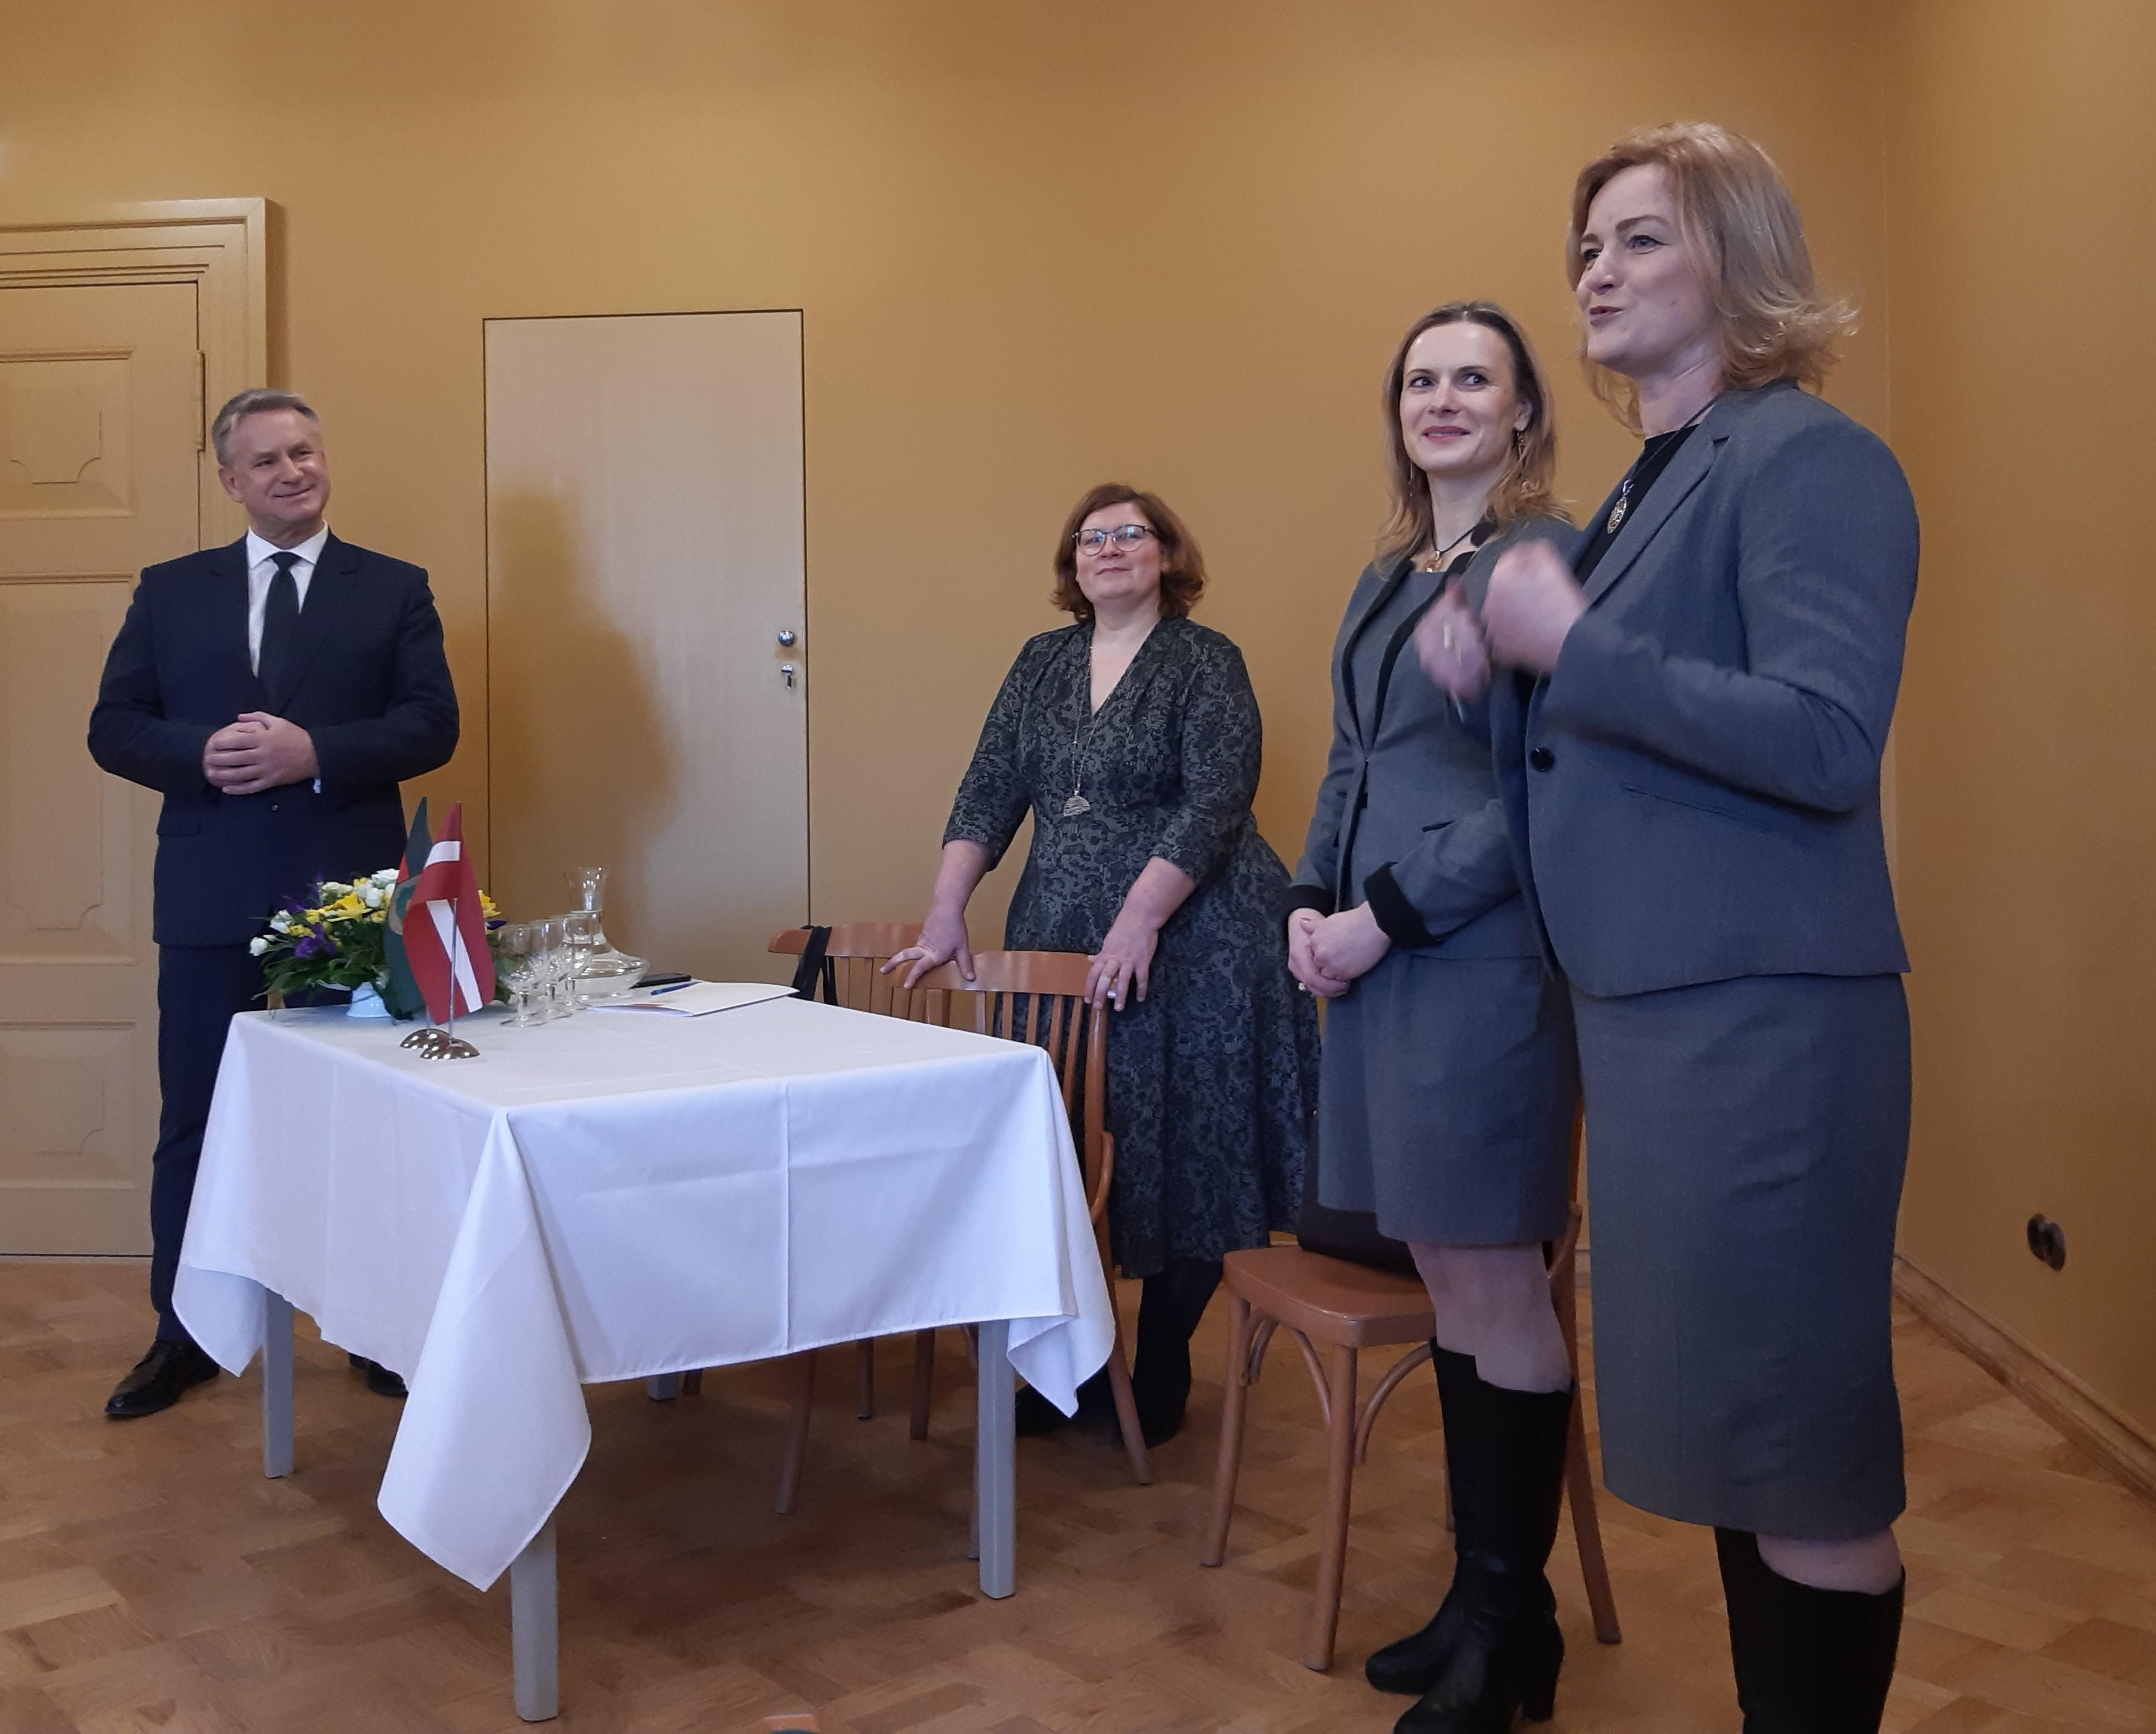 Kultūras ministrs kopā ar kolēģēm un Saeimas deputāti, talsenieci Ilzi Indriksoni Firksu-Pedvāles muižā.